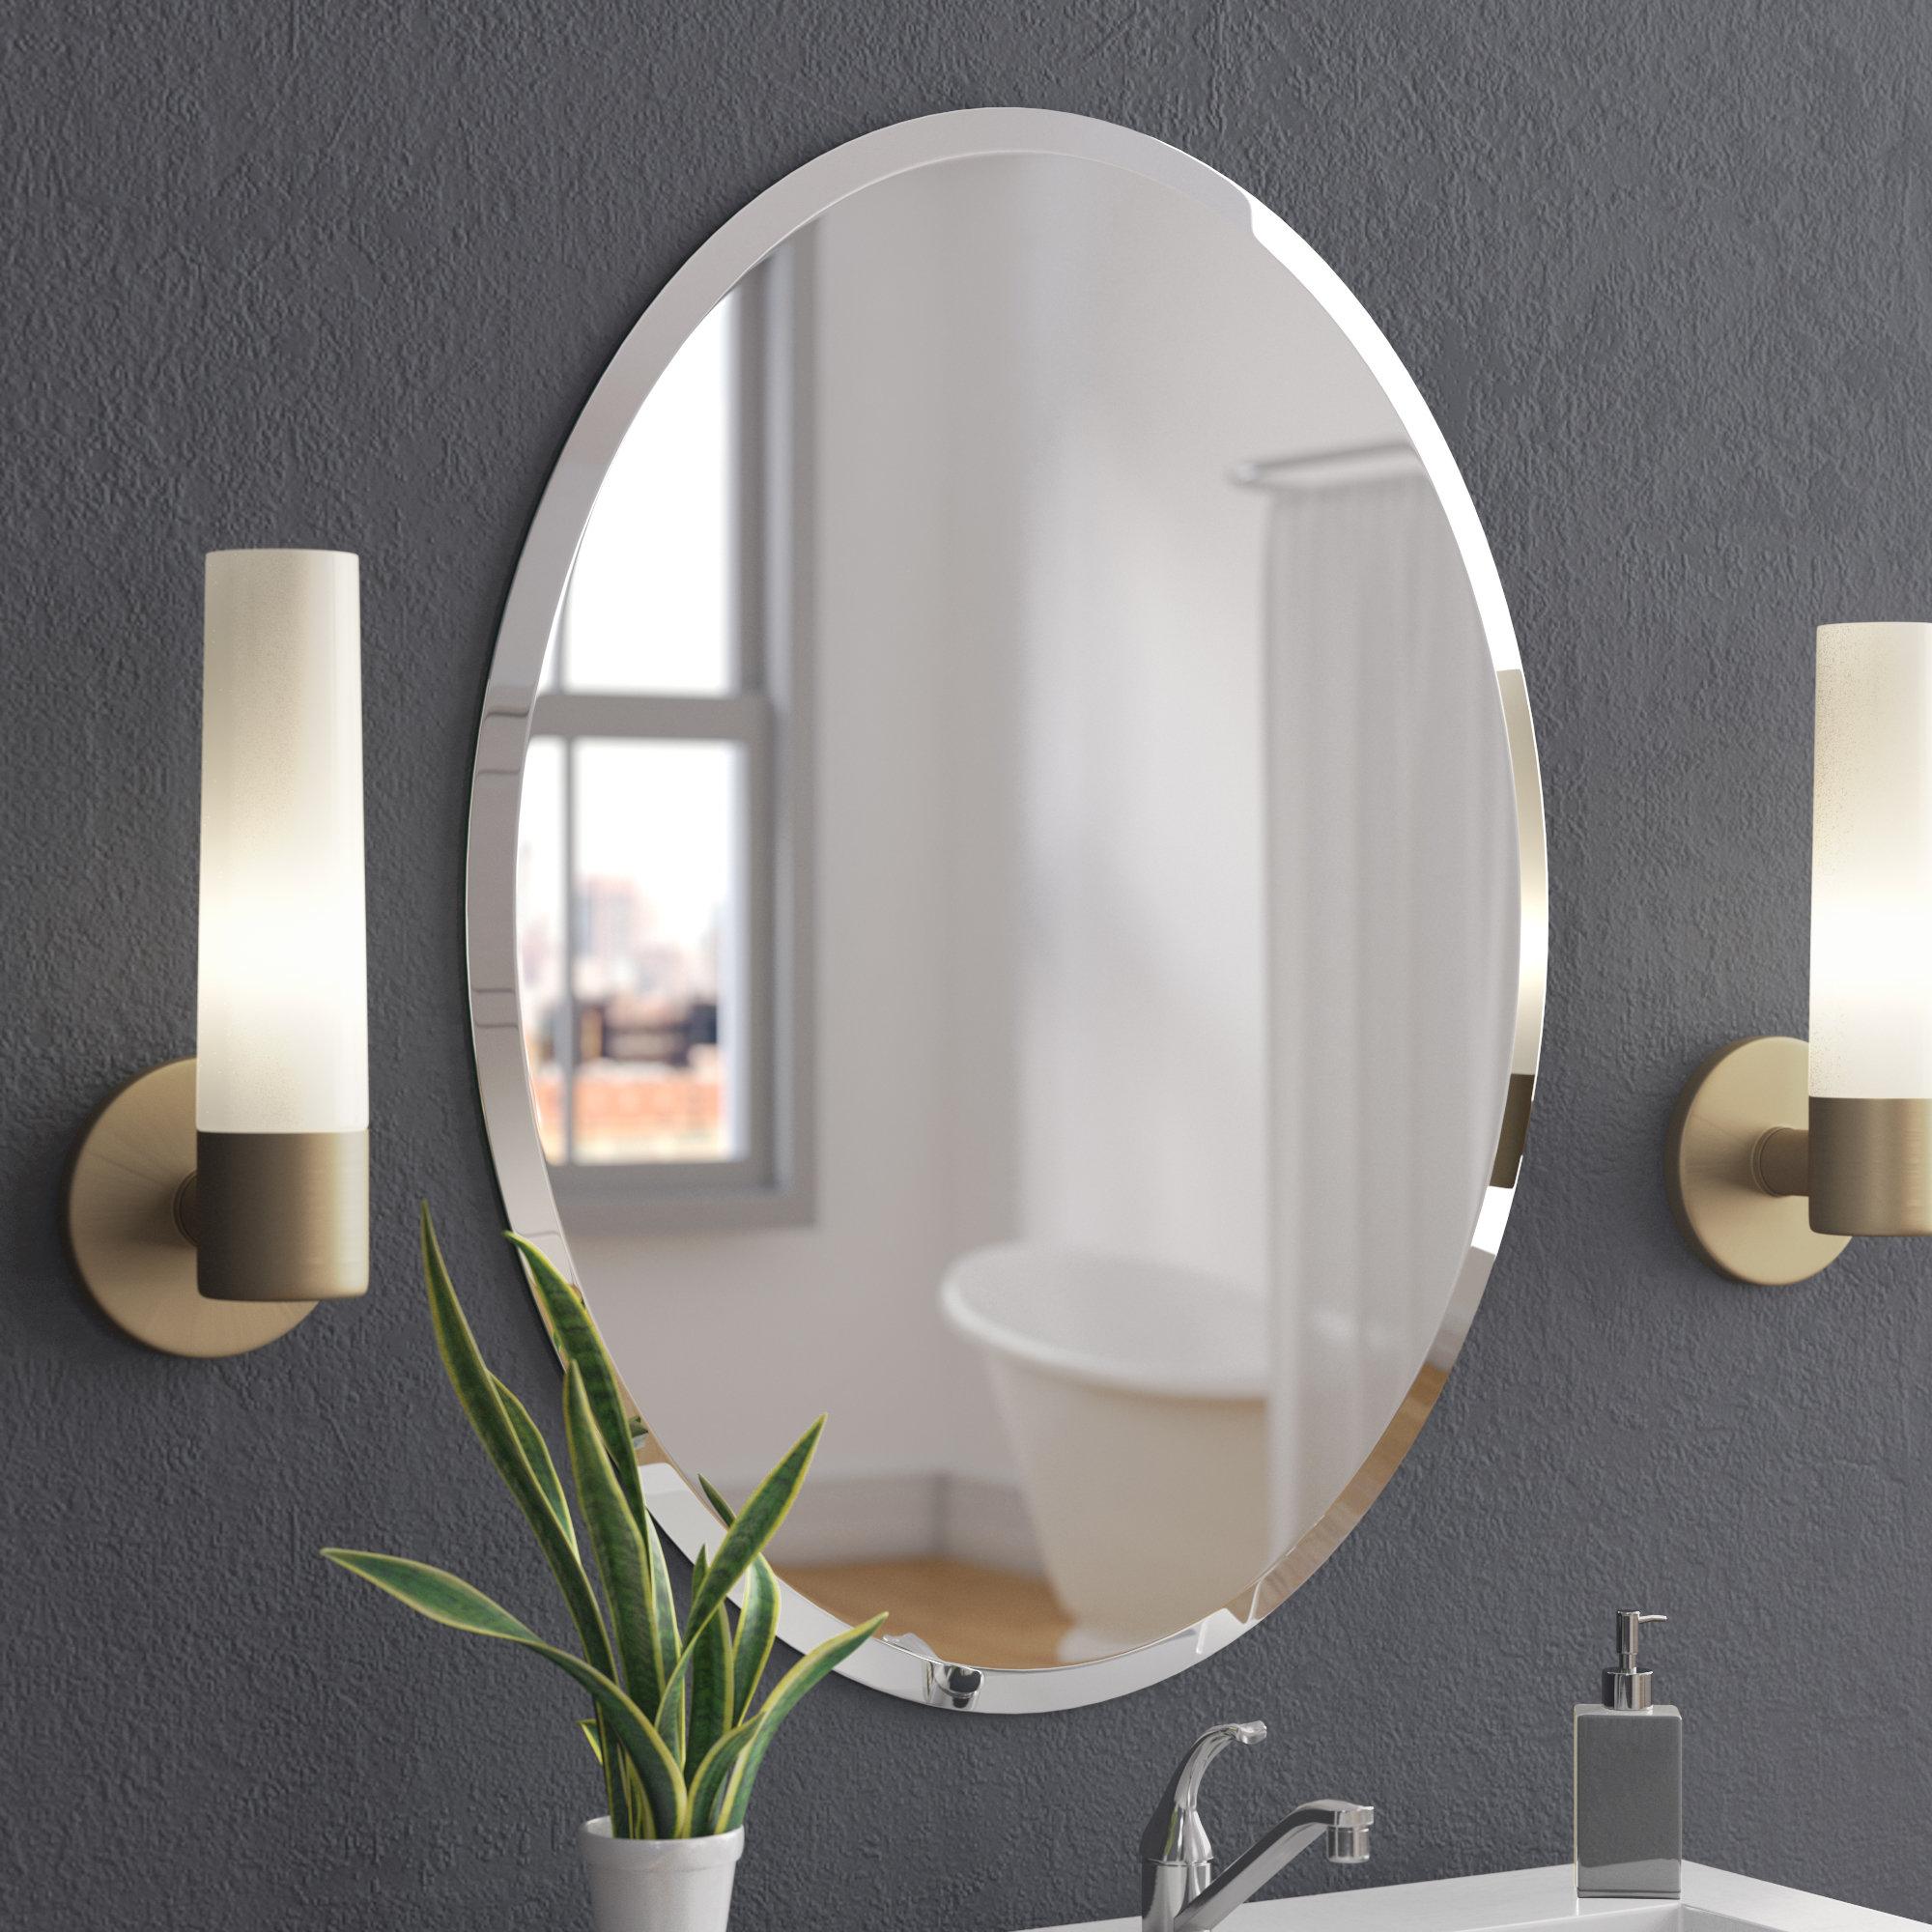 Etched Frameless Wall Mirror | Wayfair Throughout Wallingford Large Frameless Wall Mirrors (Image 9 of 20)